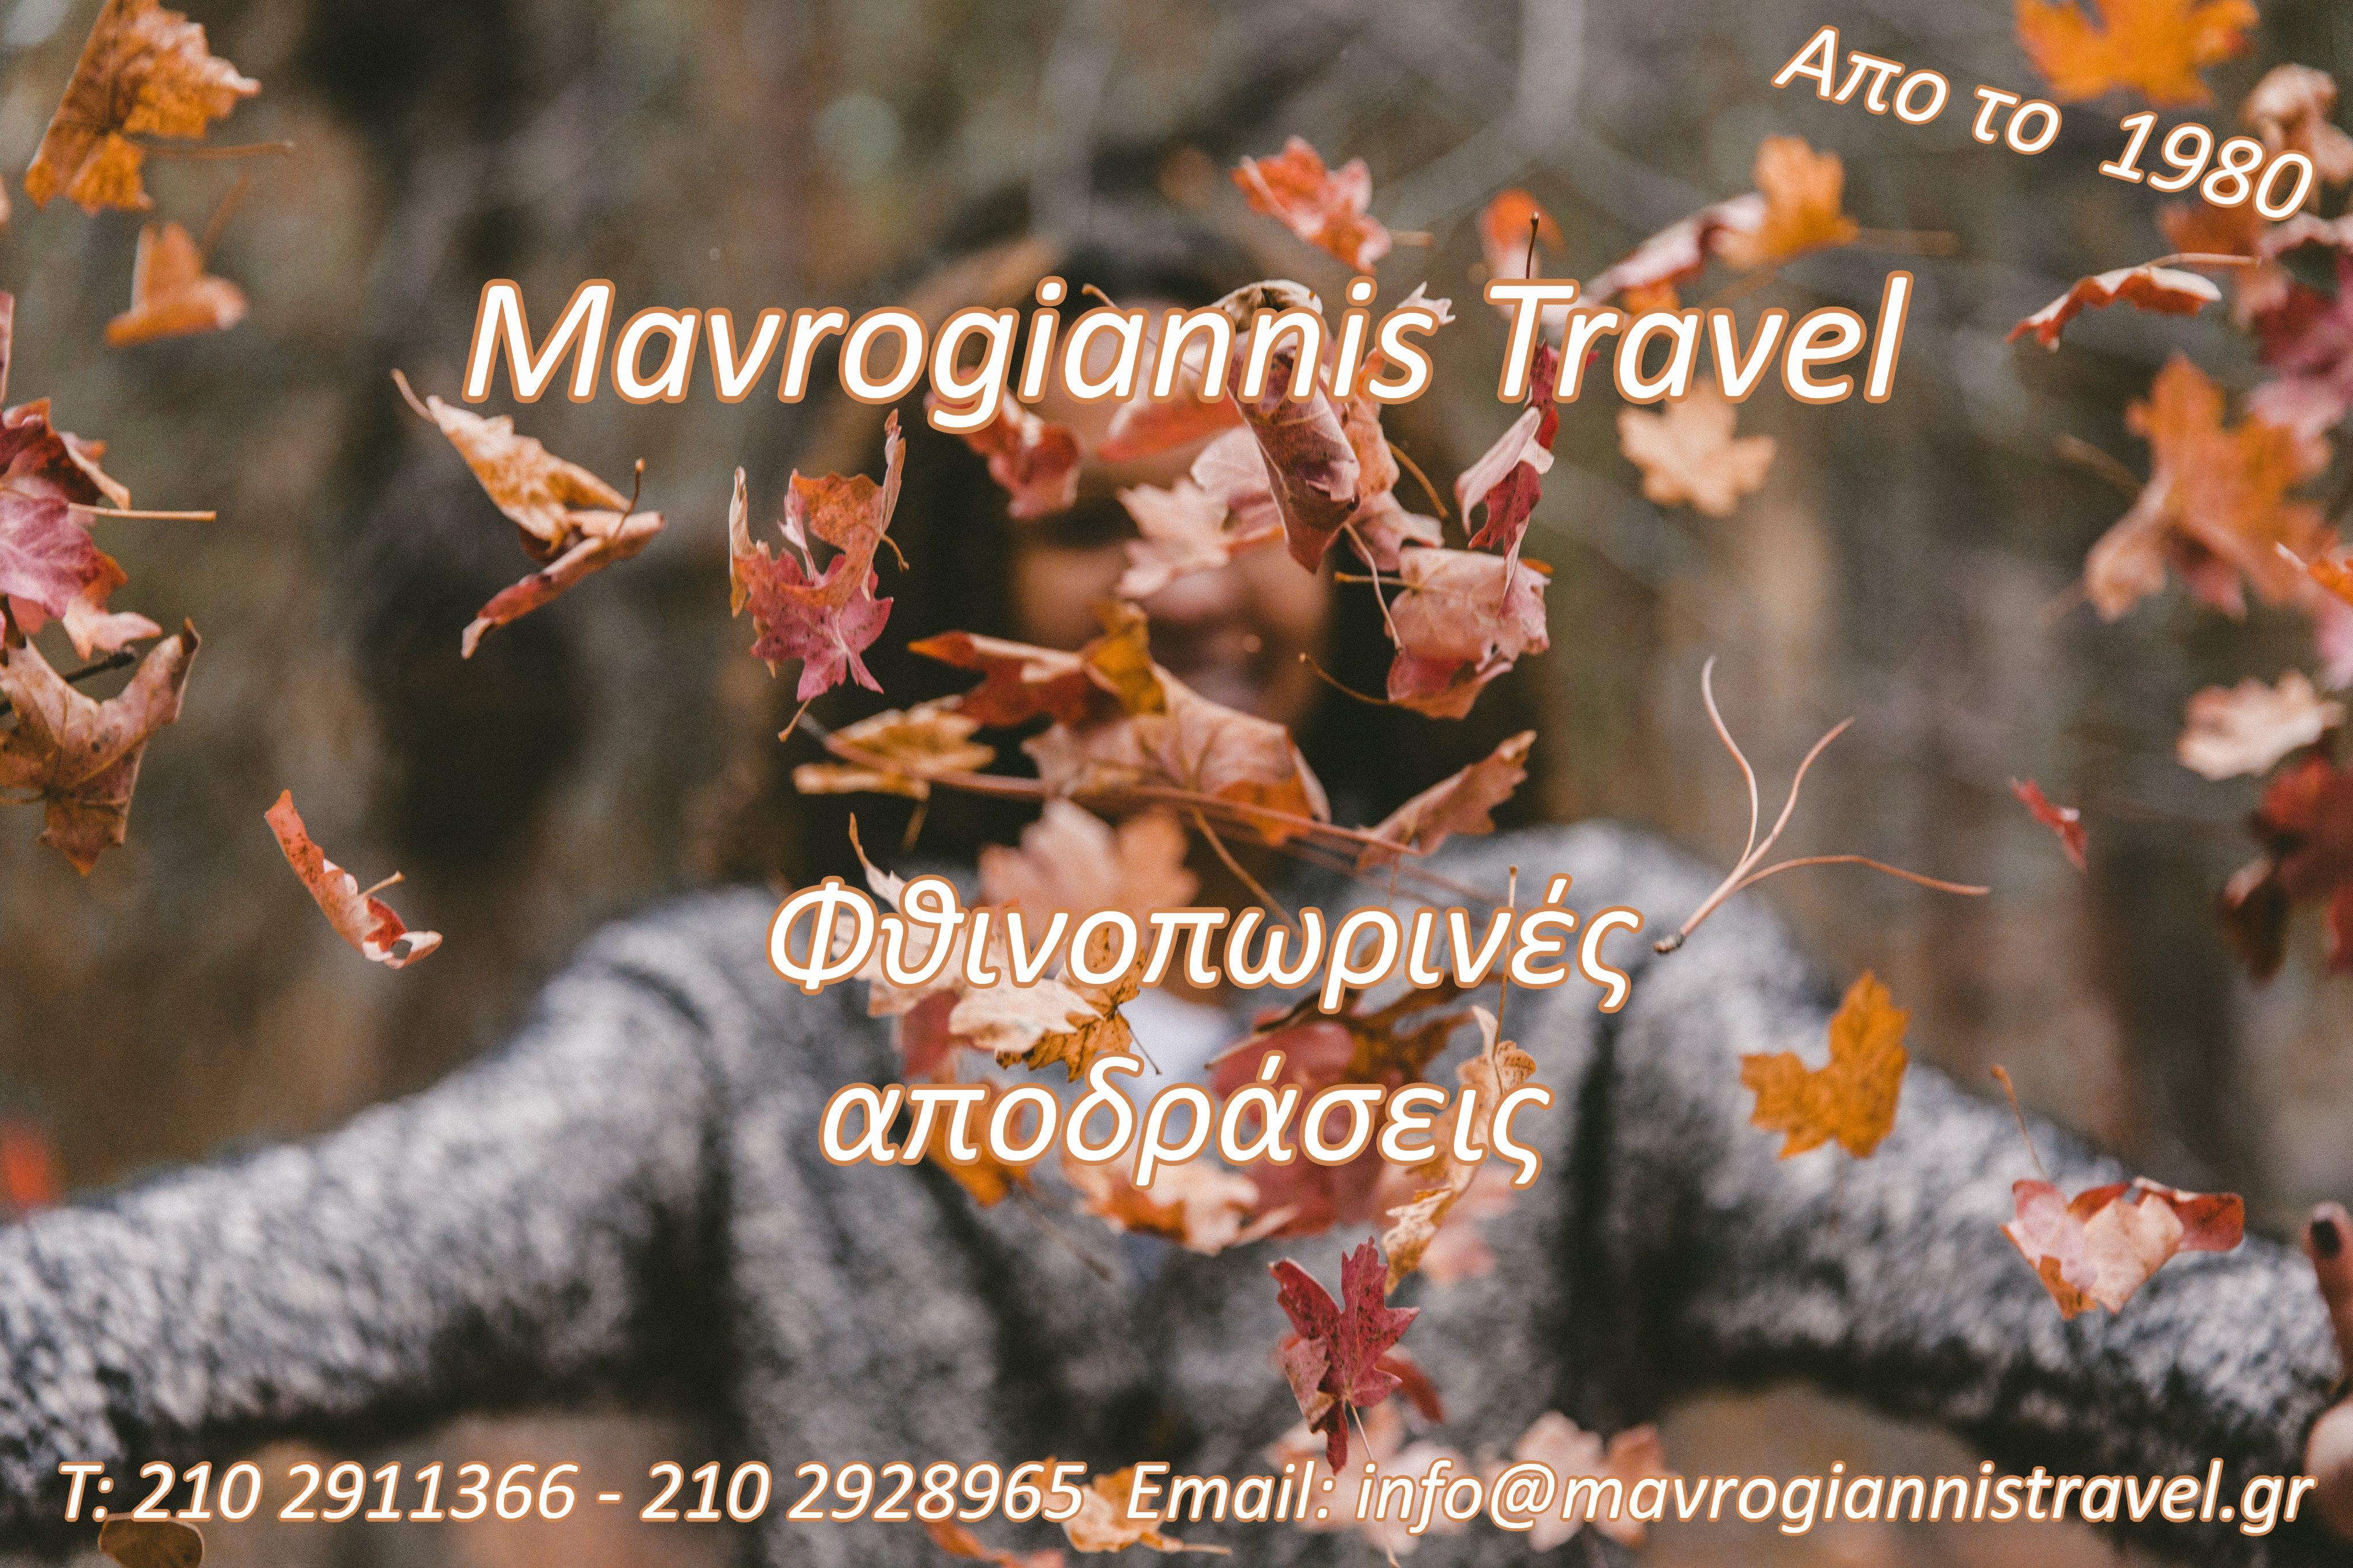 τουριστικό γραφειο εκδρομές μαυρογιαννης